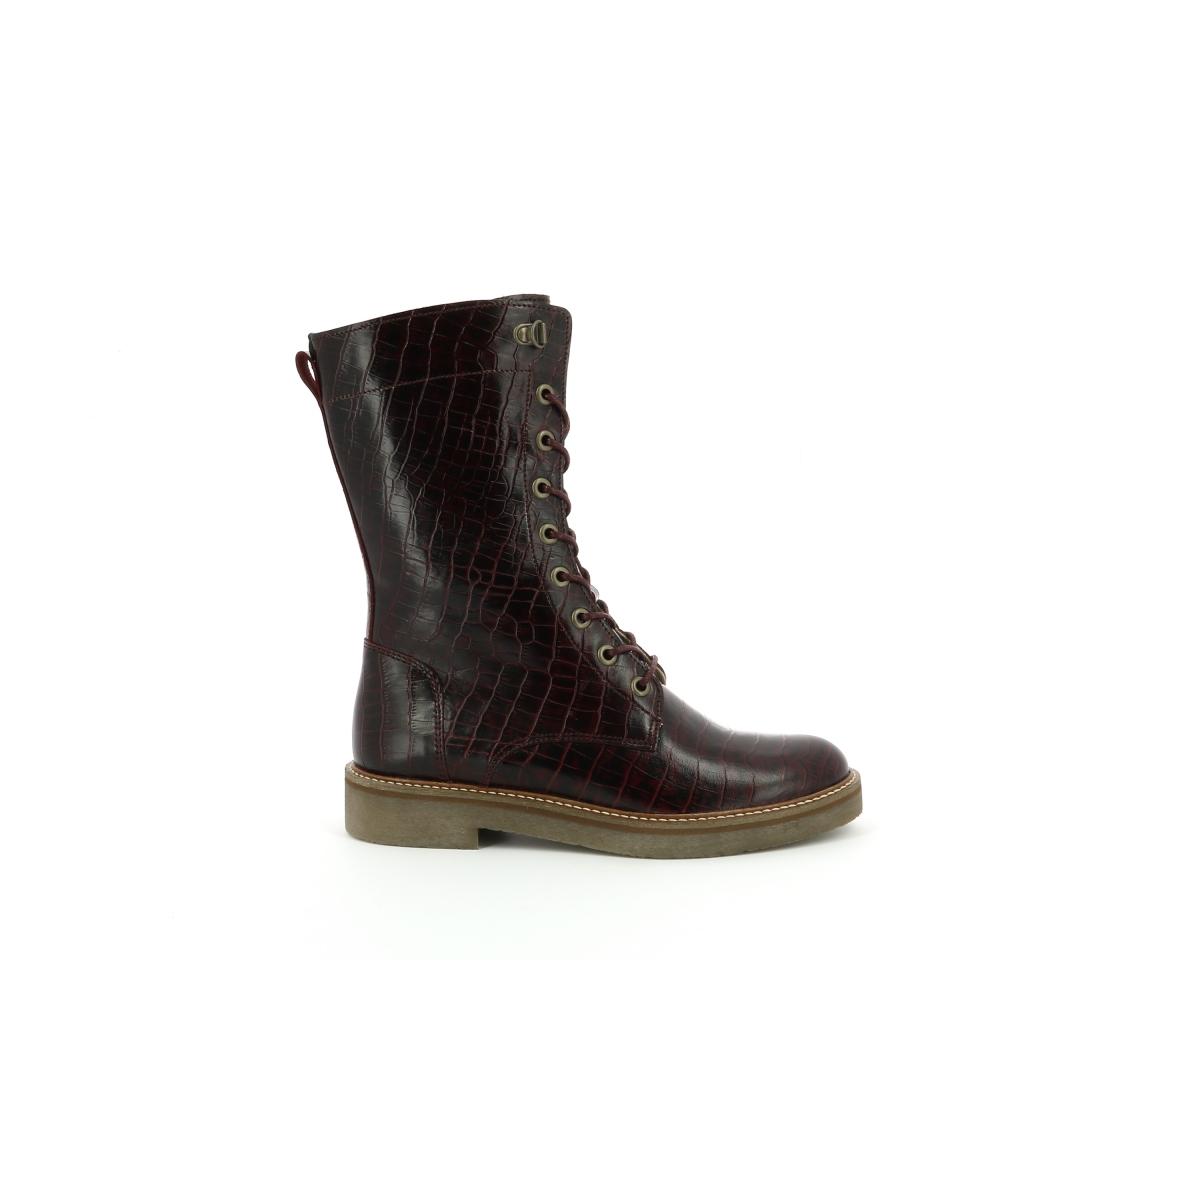 Chaussures Kickers Chaussures Chaussures Oxmax Bordeaux Oxmax Bordeaux Kickers Femme Femme Femme qFCv5w